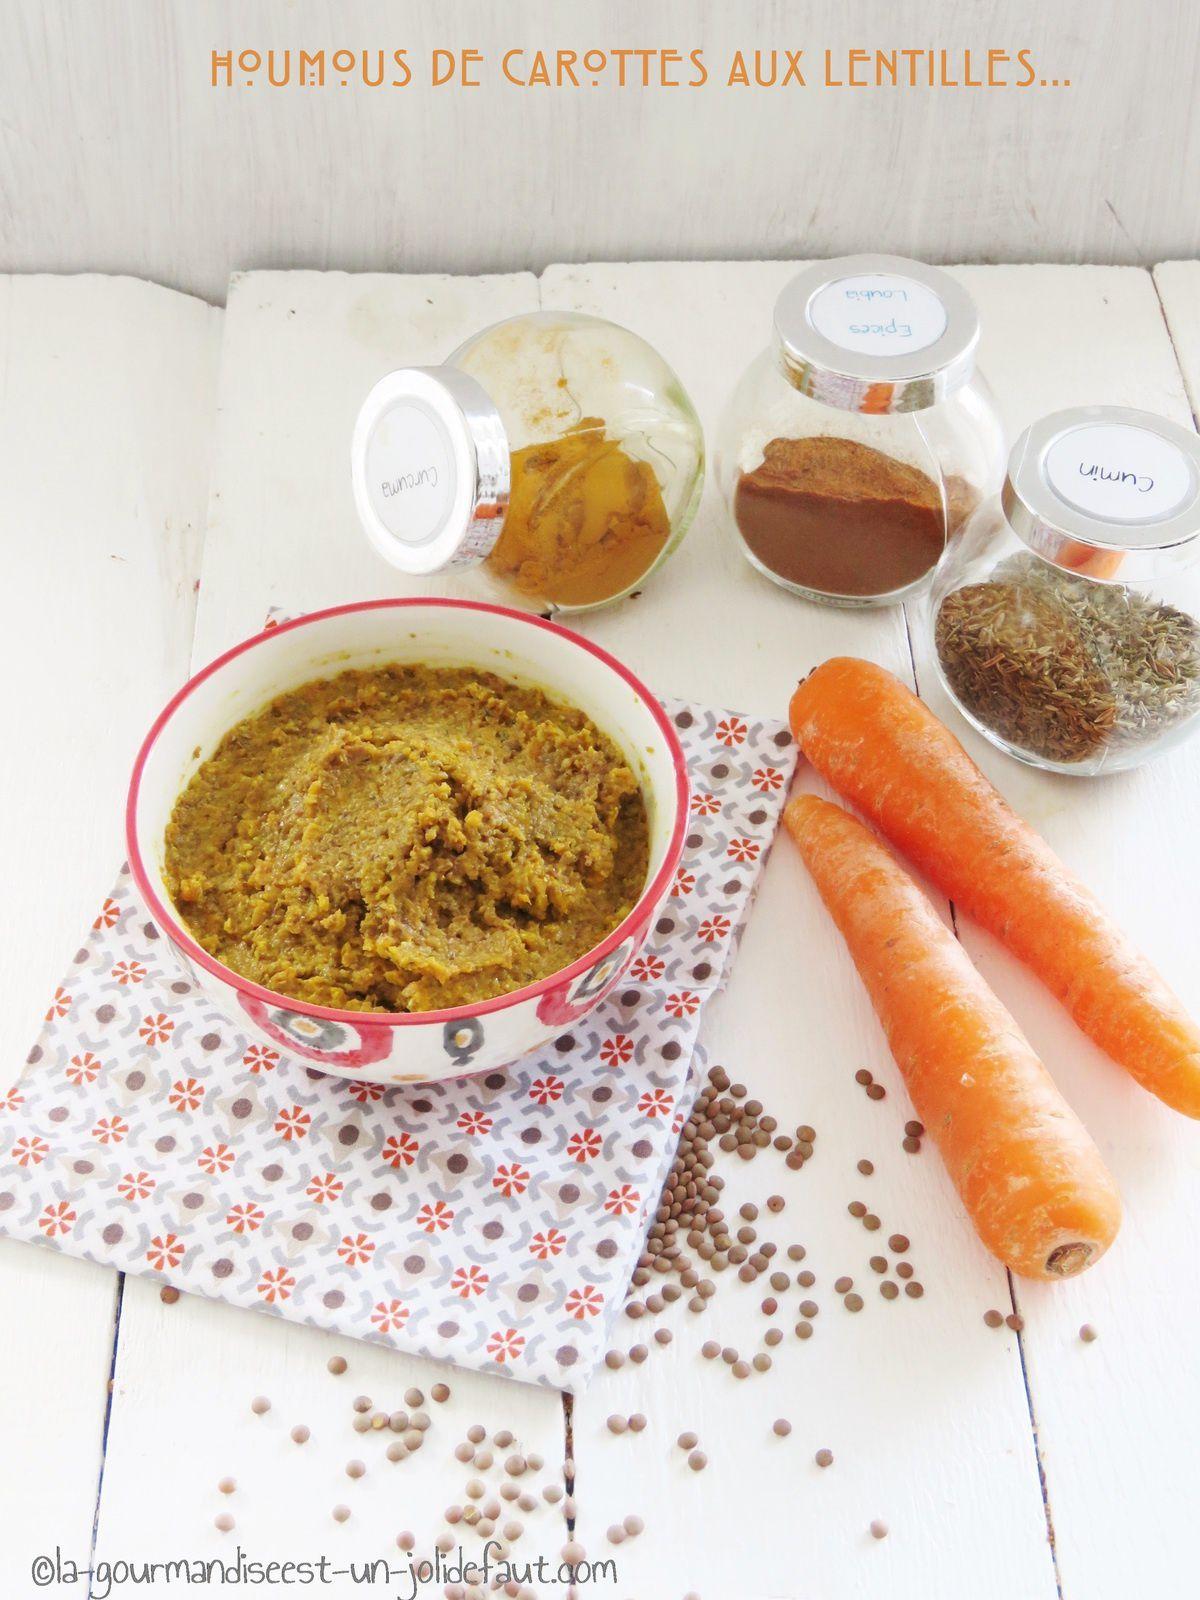 Houmous de carottes aux lentilles